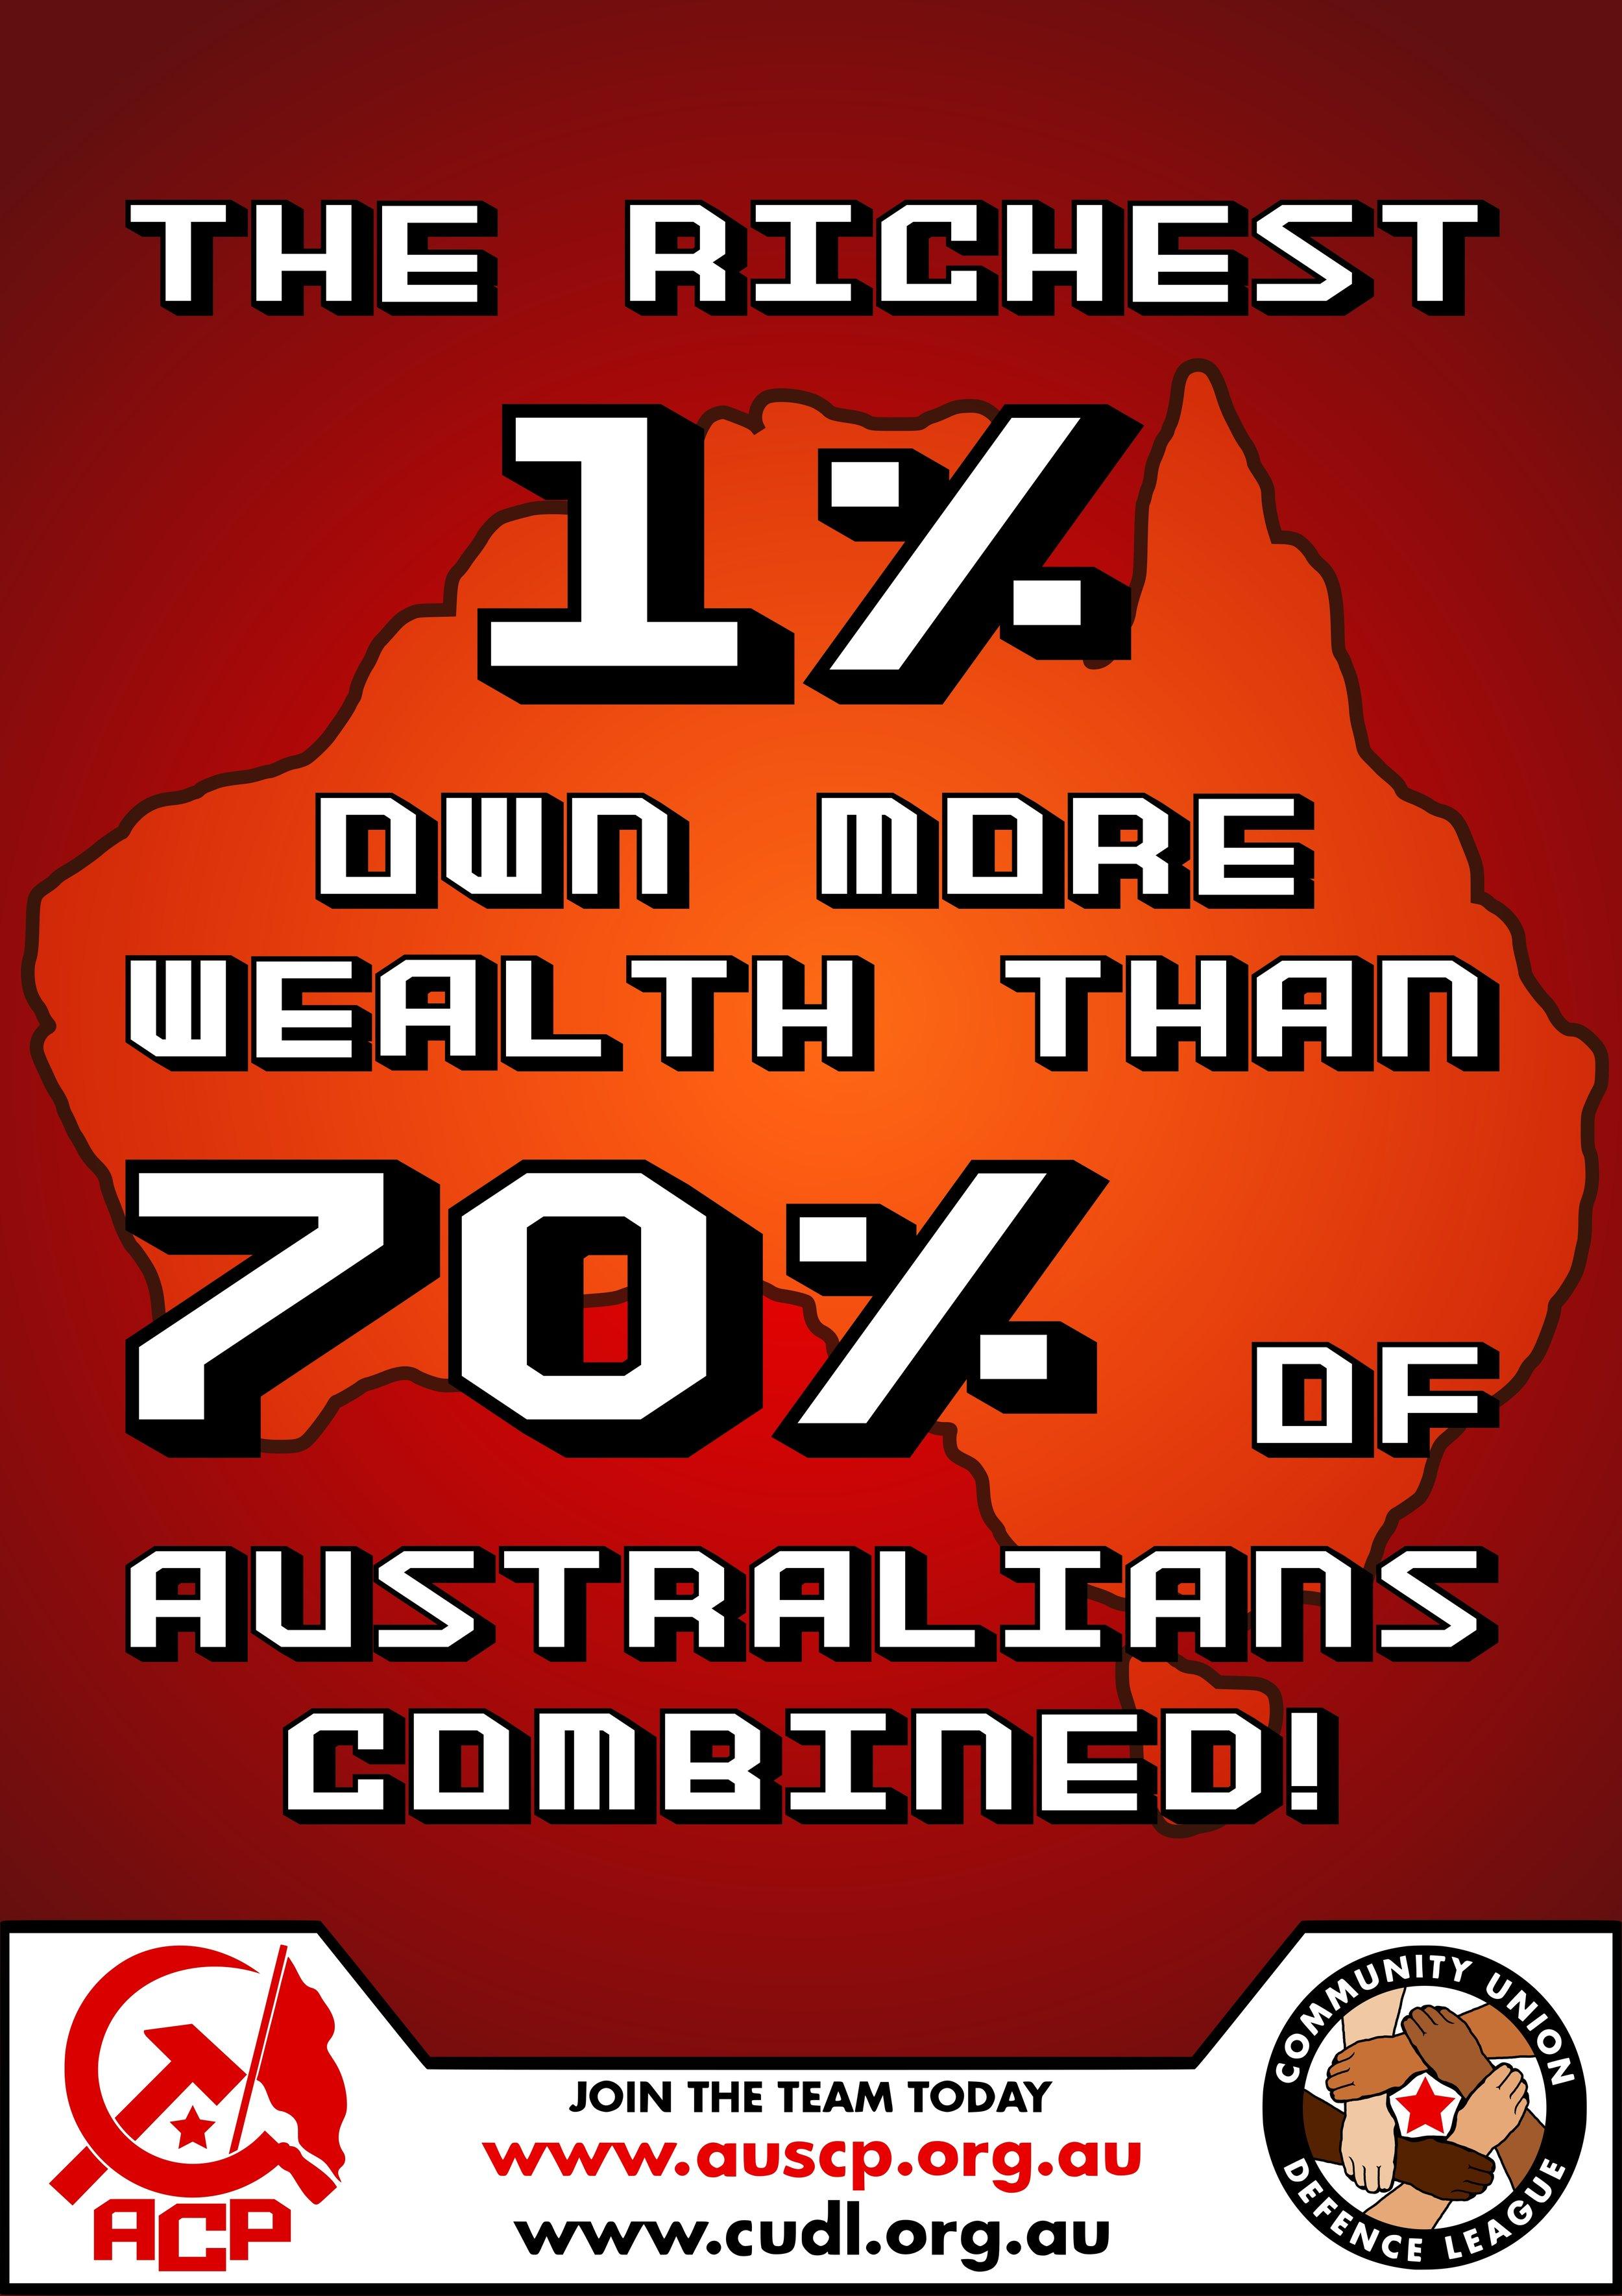 Richest_1%_Poorest_70%Aus(CUDL&ACP).jpg